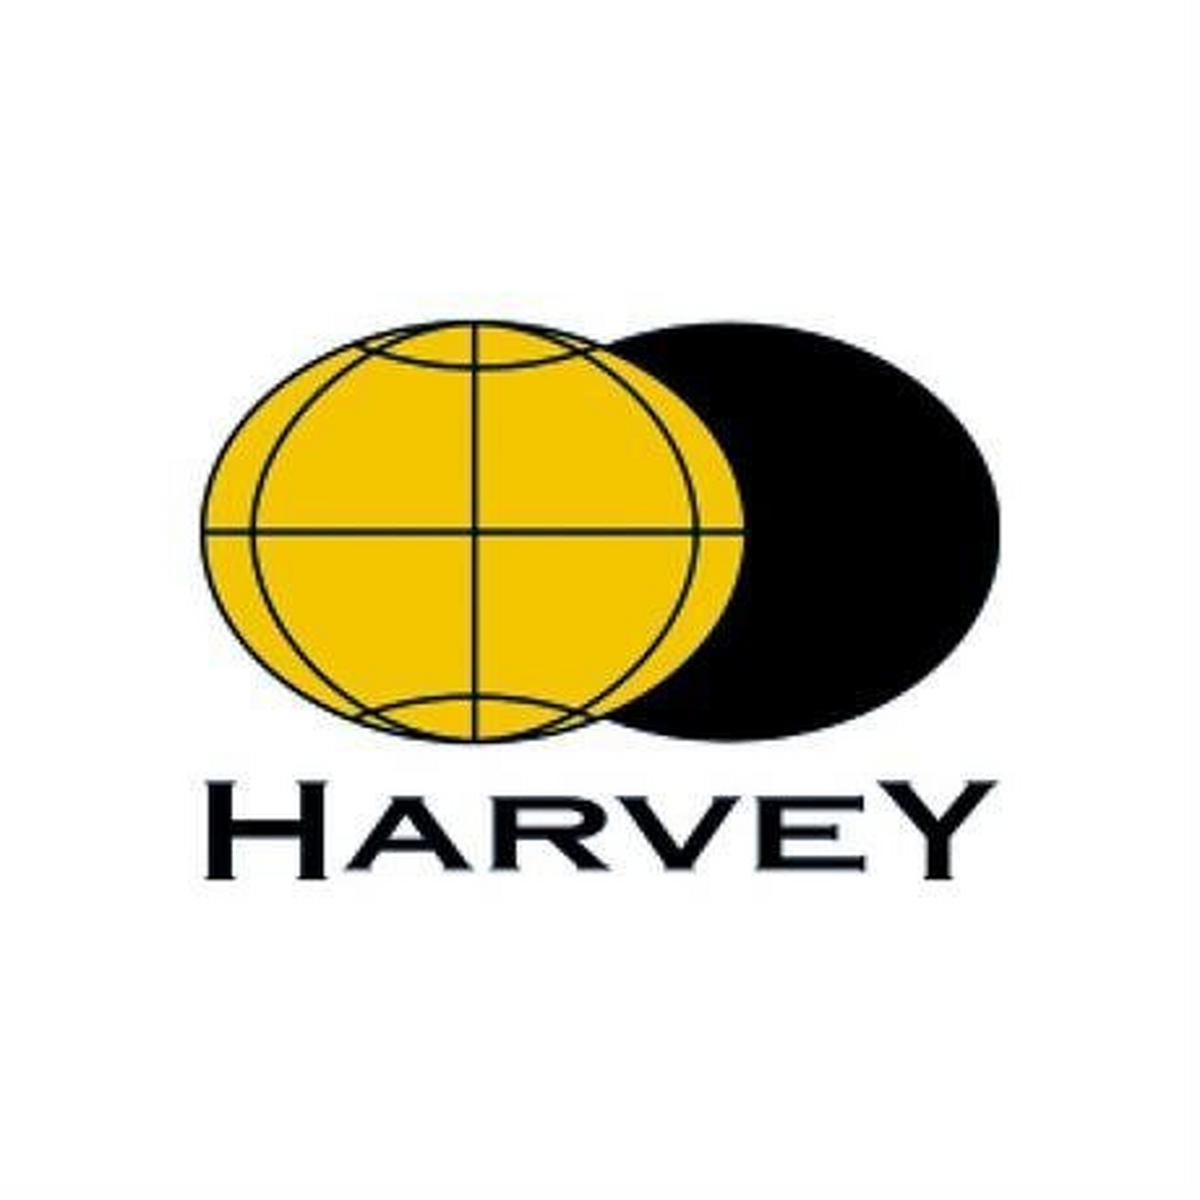 Harveys Harvey Map - XT40: Hadrian's Wall Path